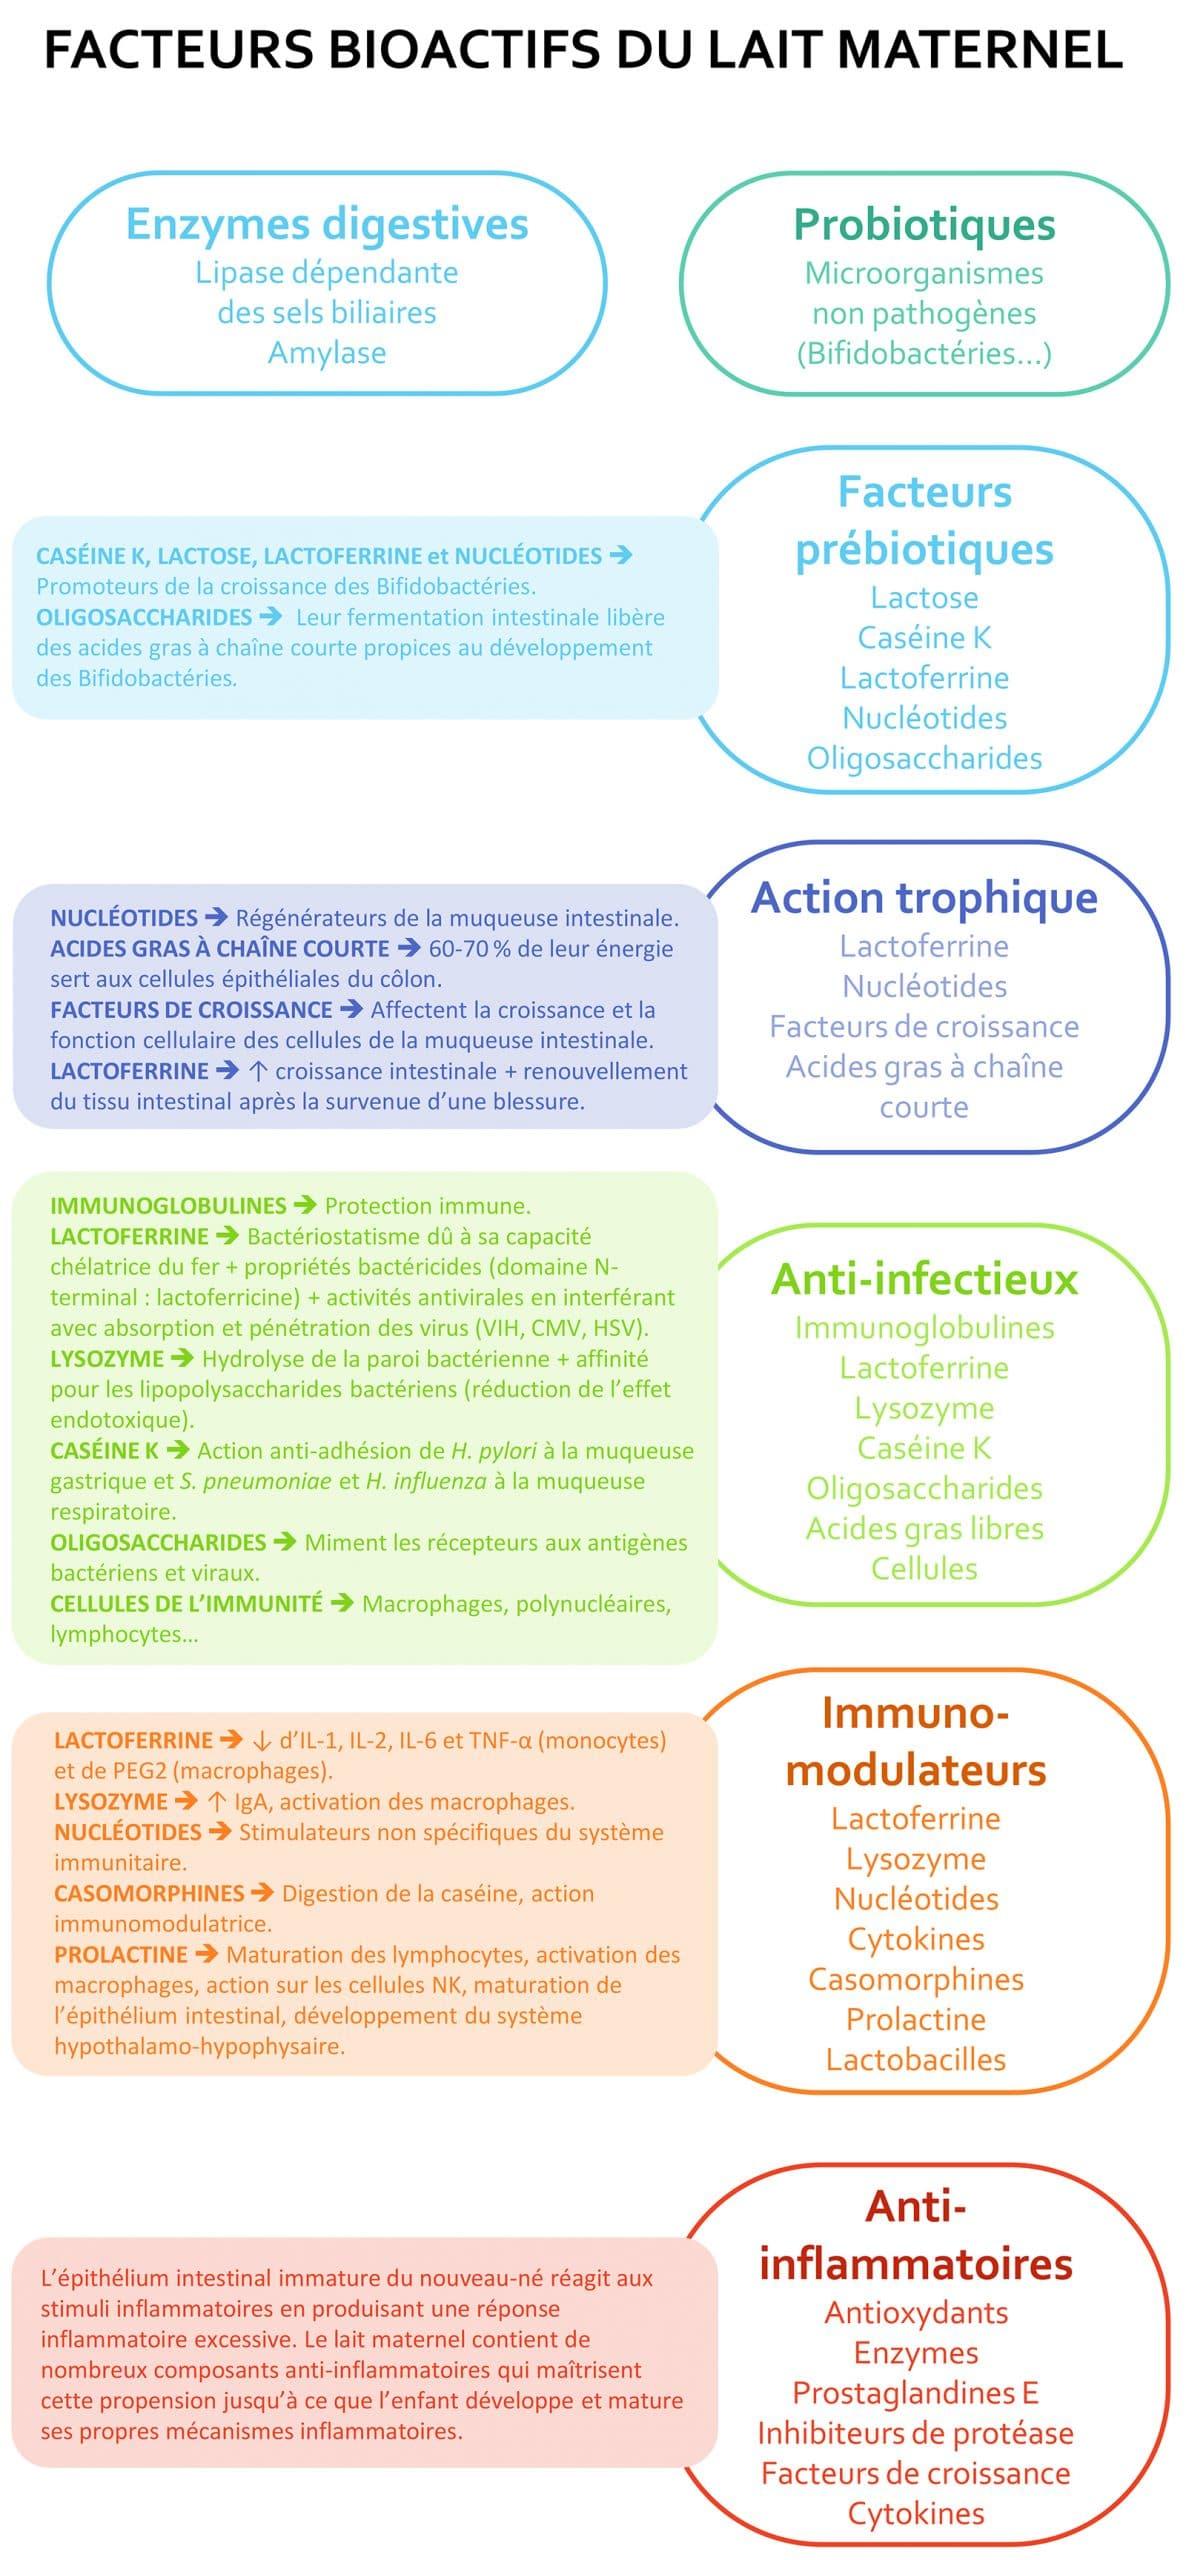 facteurs-bioactifs-du-lait-maternel-Nutrixeal-Info